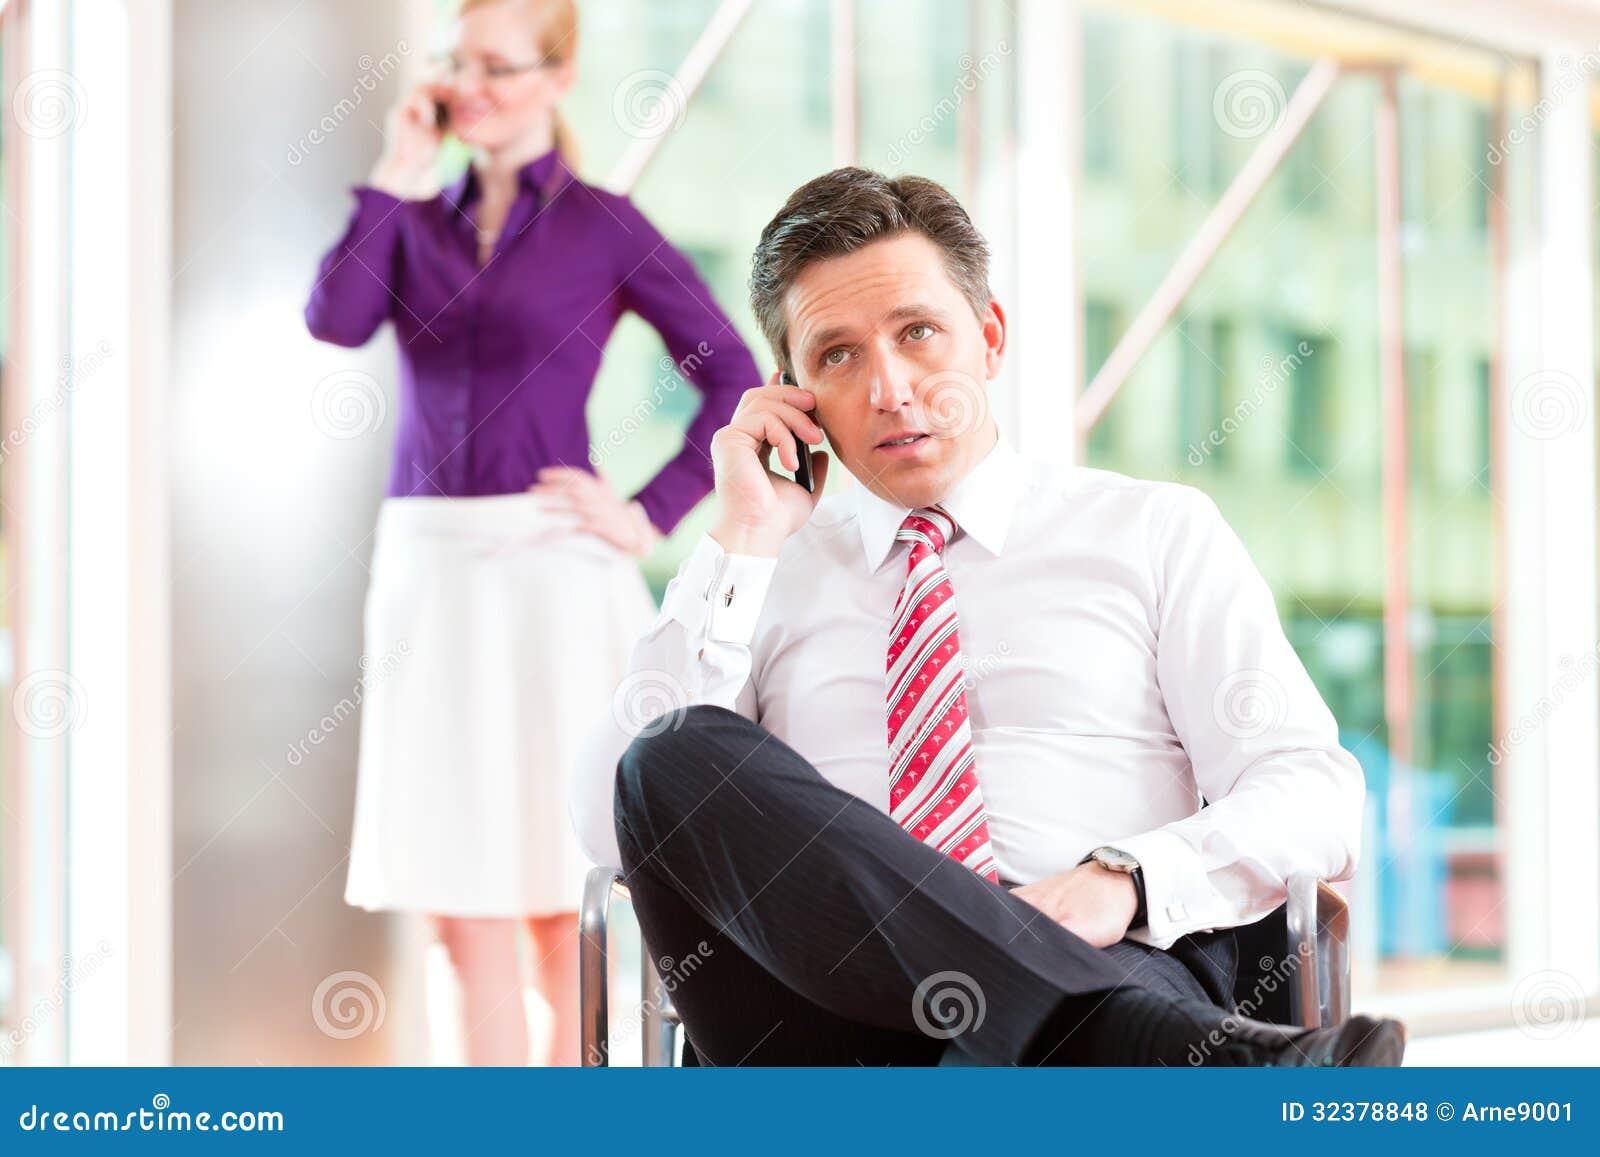 Рассказ шеф и секретарша, Лариса Маркиянова. Секретарша босс (рассказ) 23 фотография